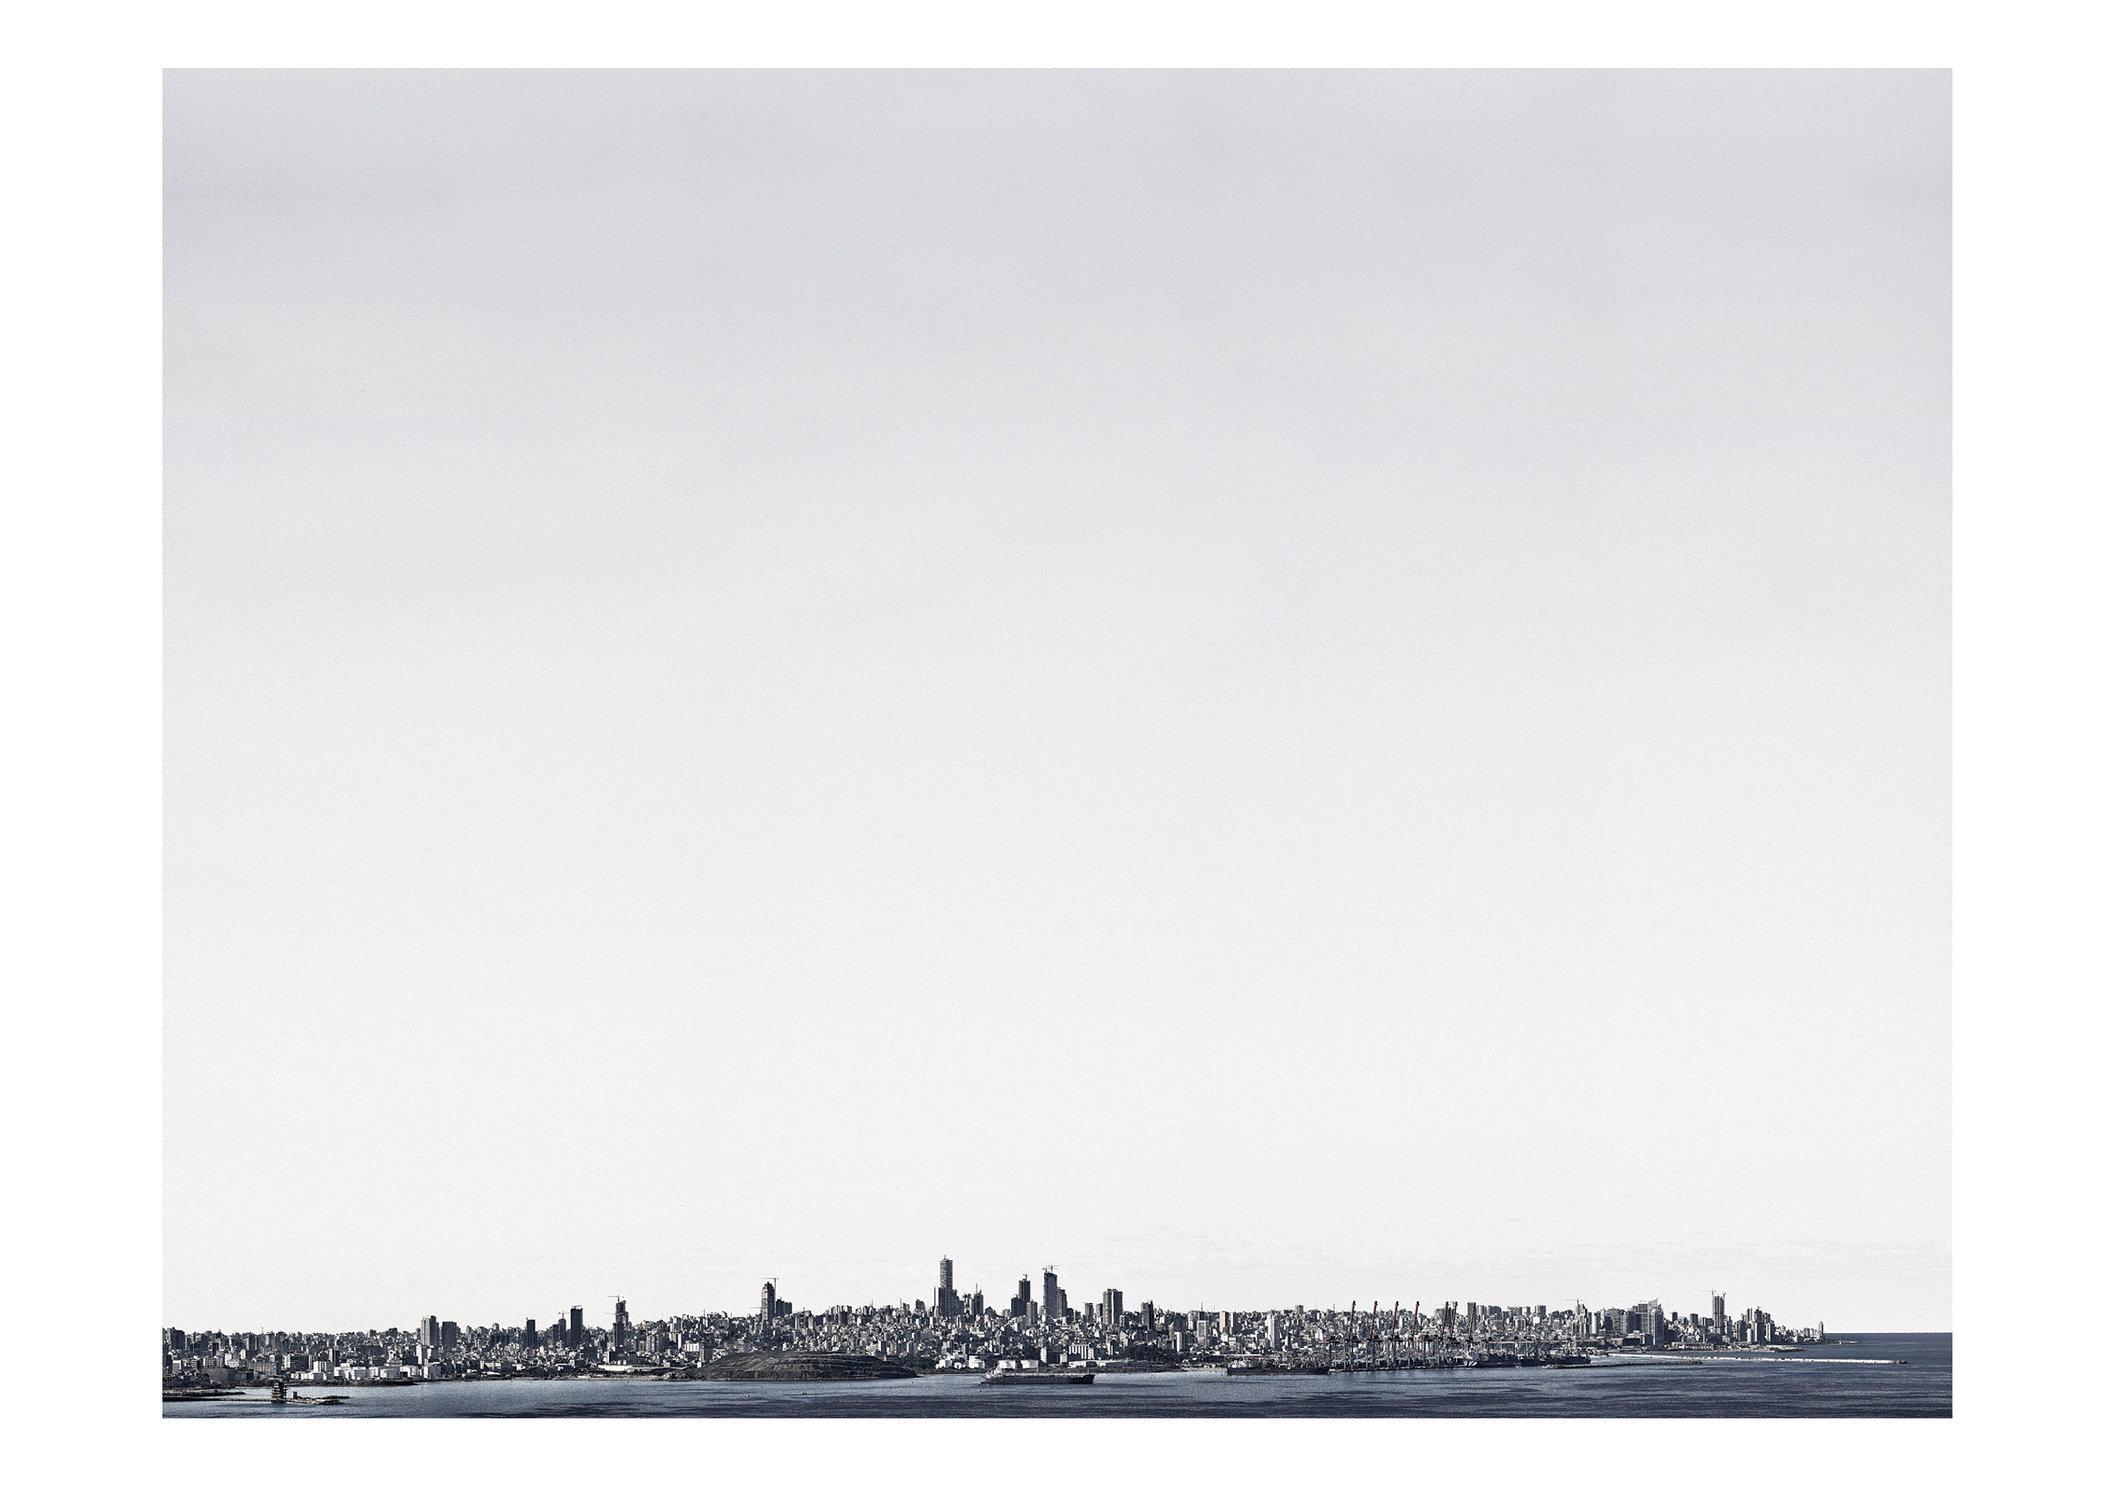 Warship Beirut